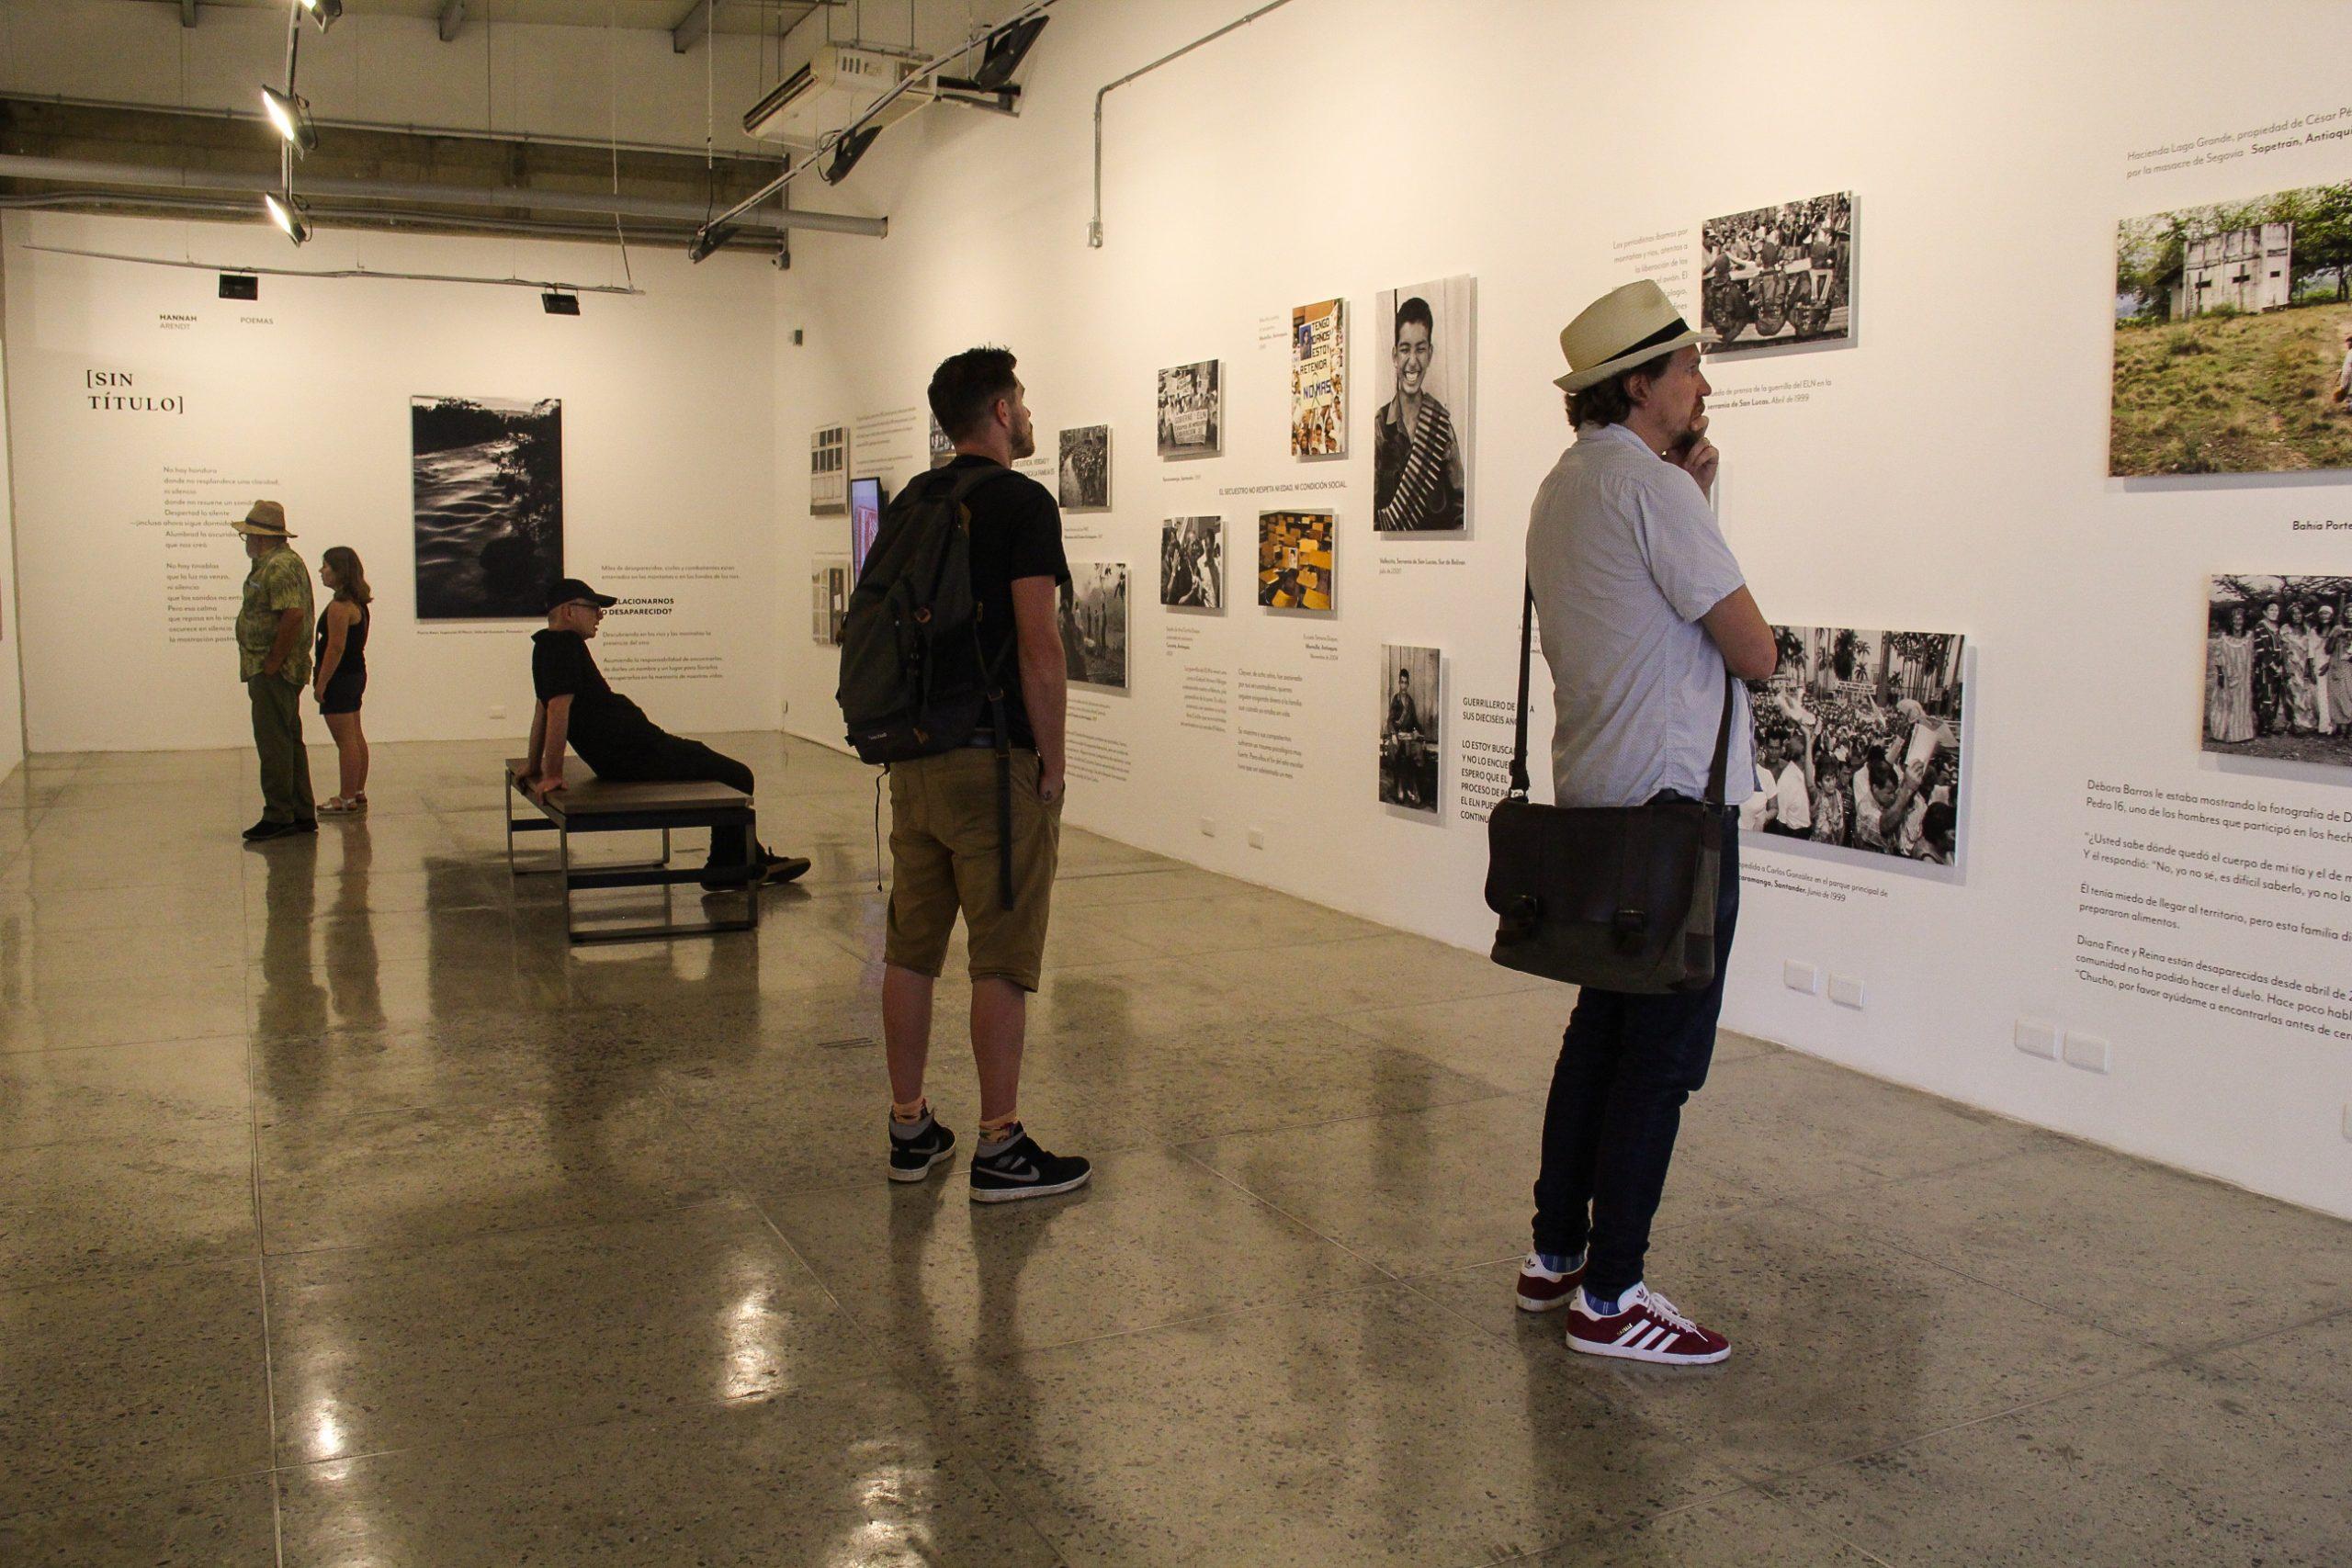 Últimos días de 'El Testigo', la exposición que todos los colombianos deberían ver - El-Testigo-scaled